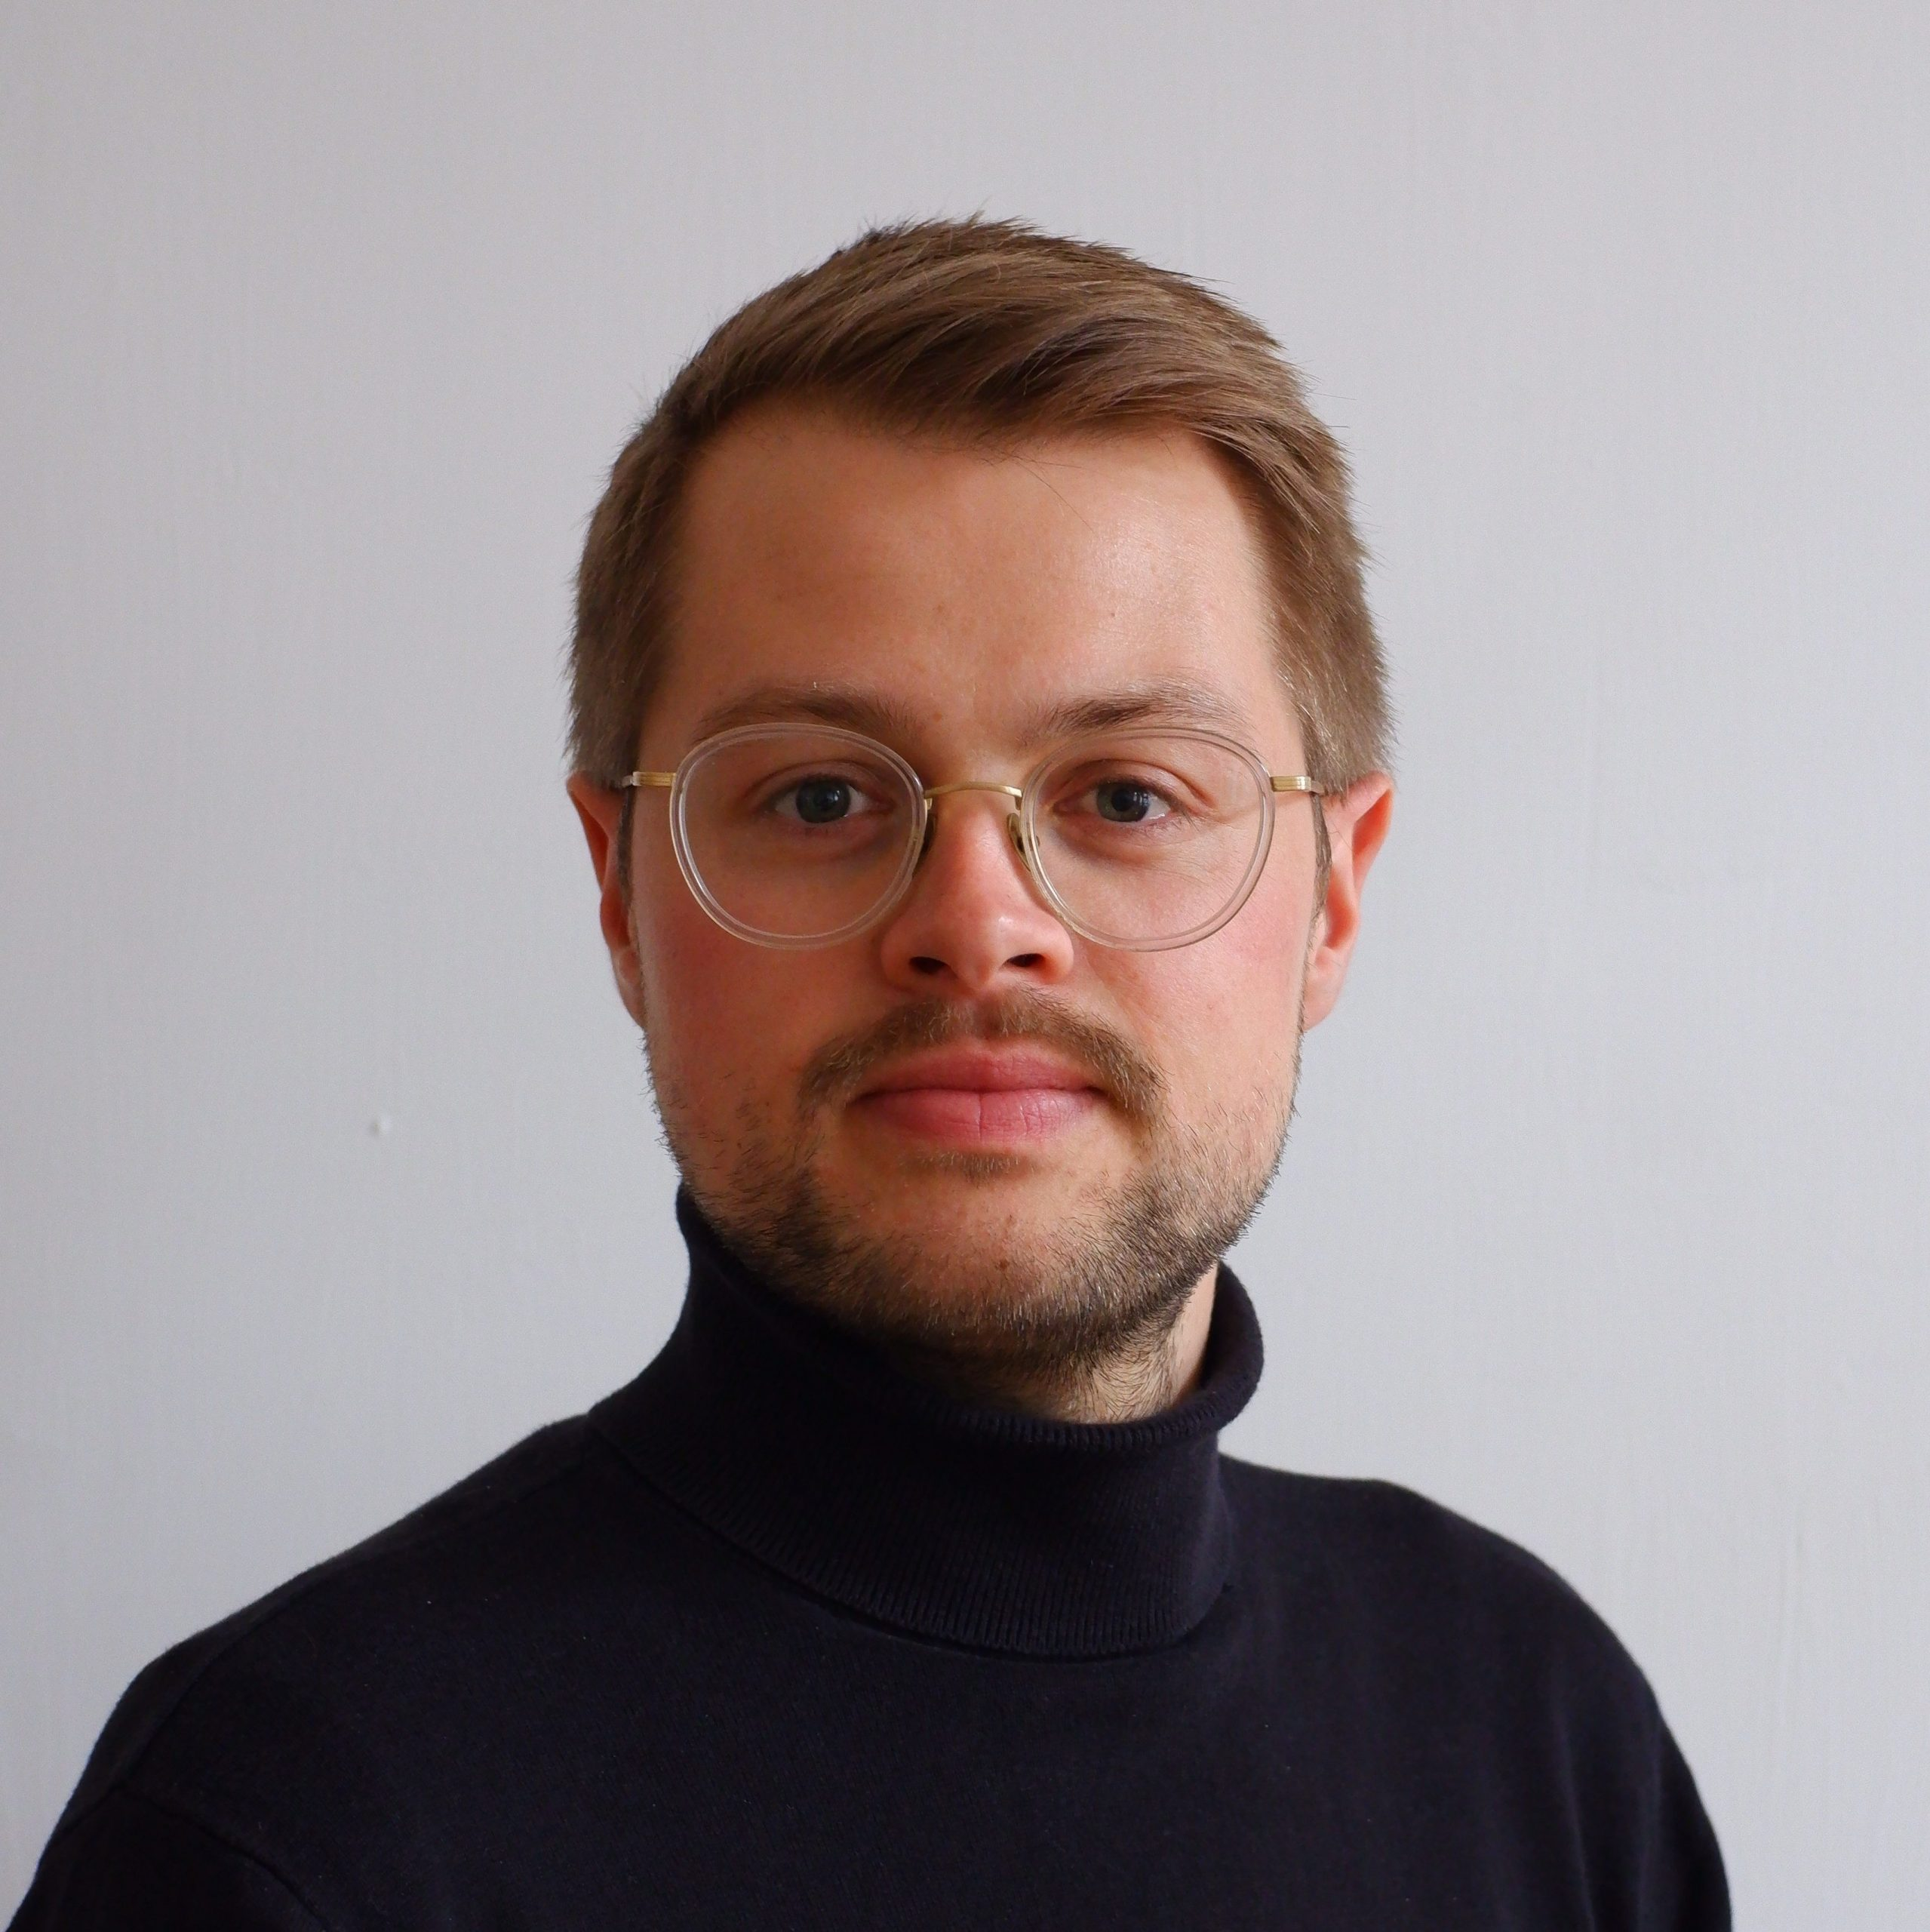 Portrait von Yanik Elixmann